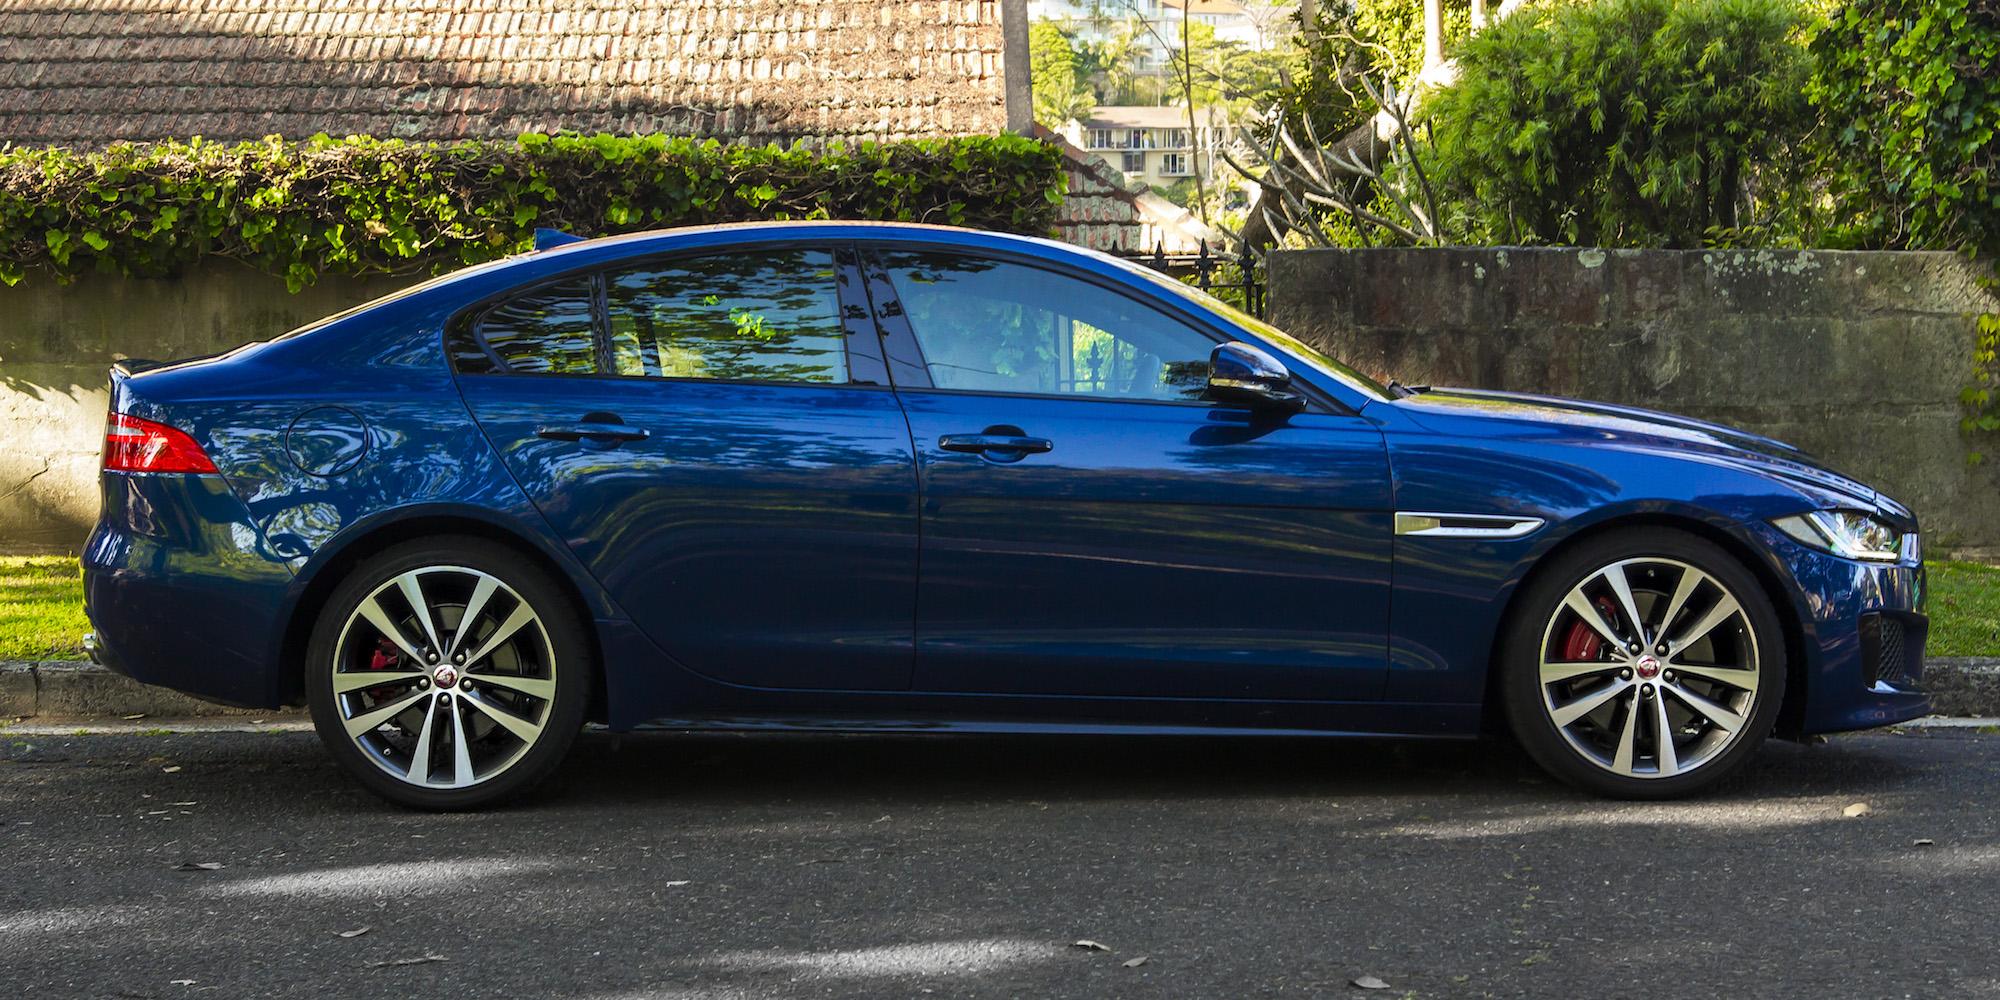 2015 Jaguar Xe S Review Photos Caradvice